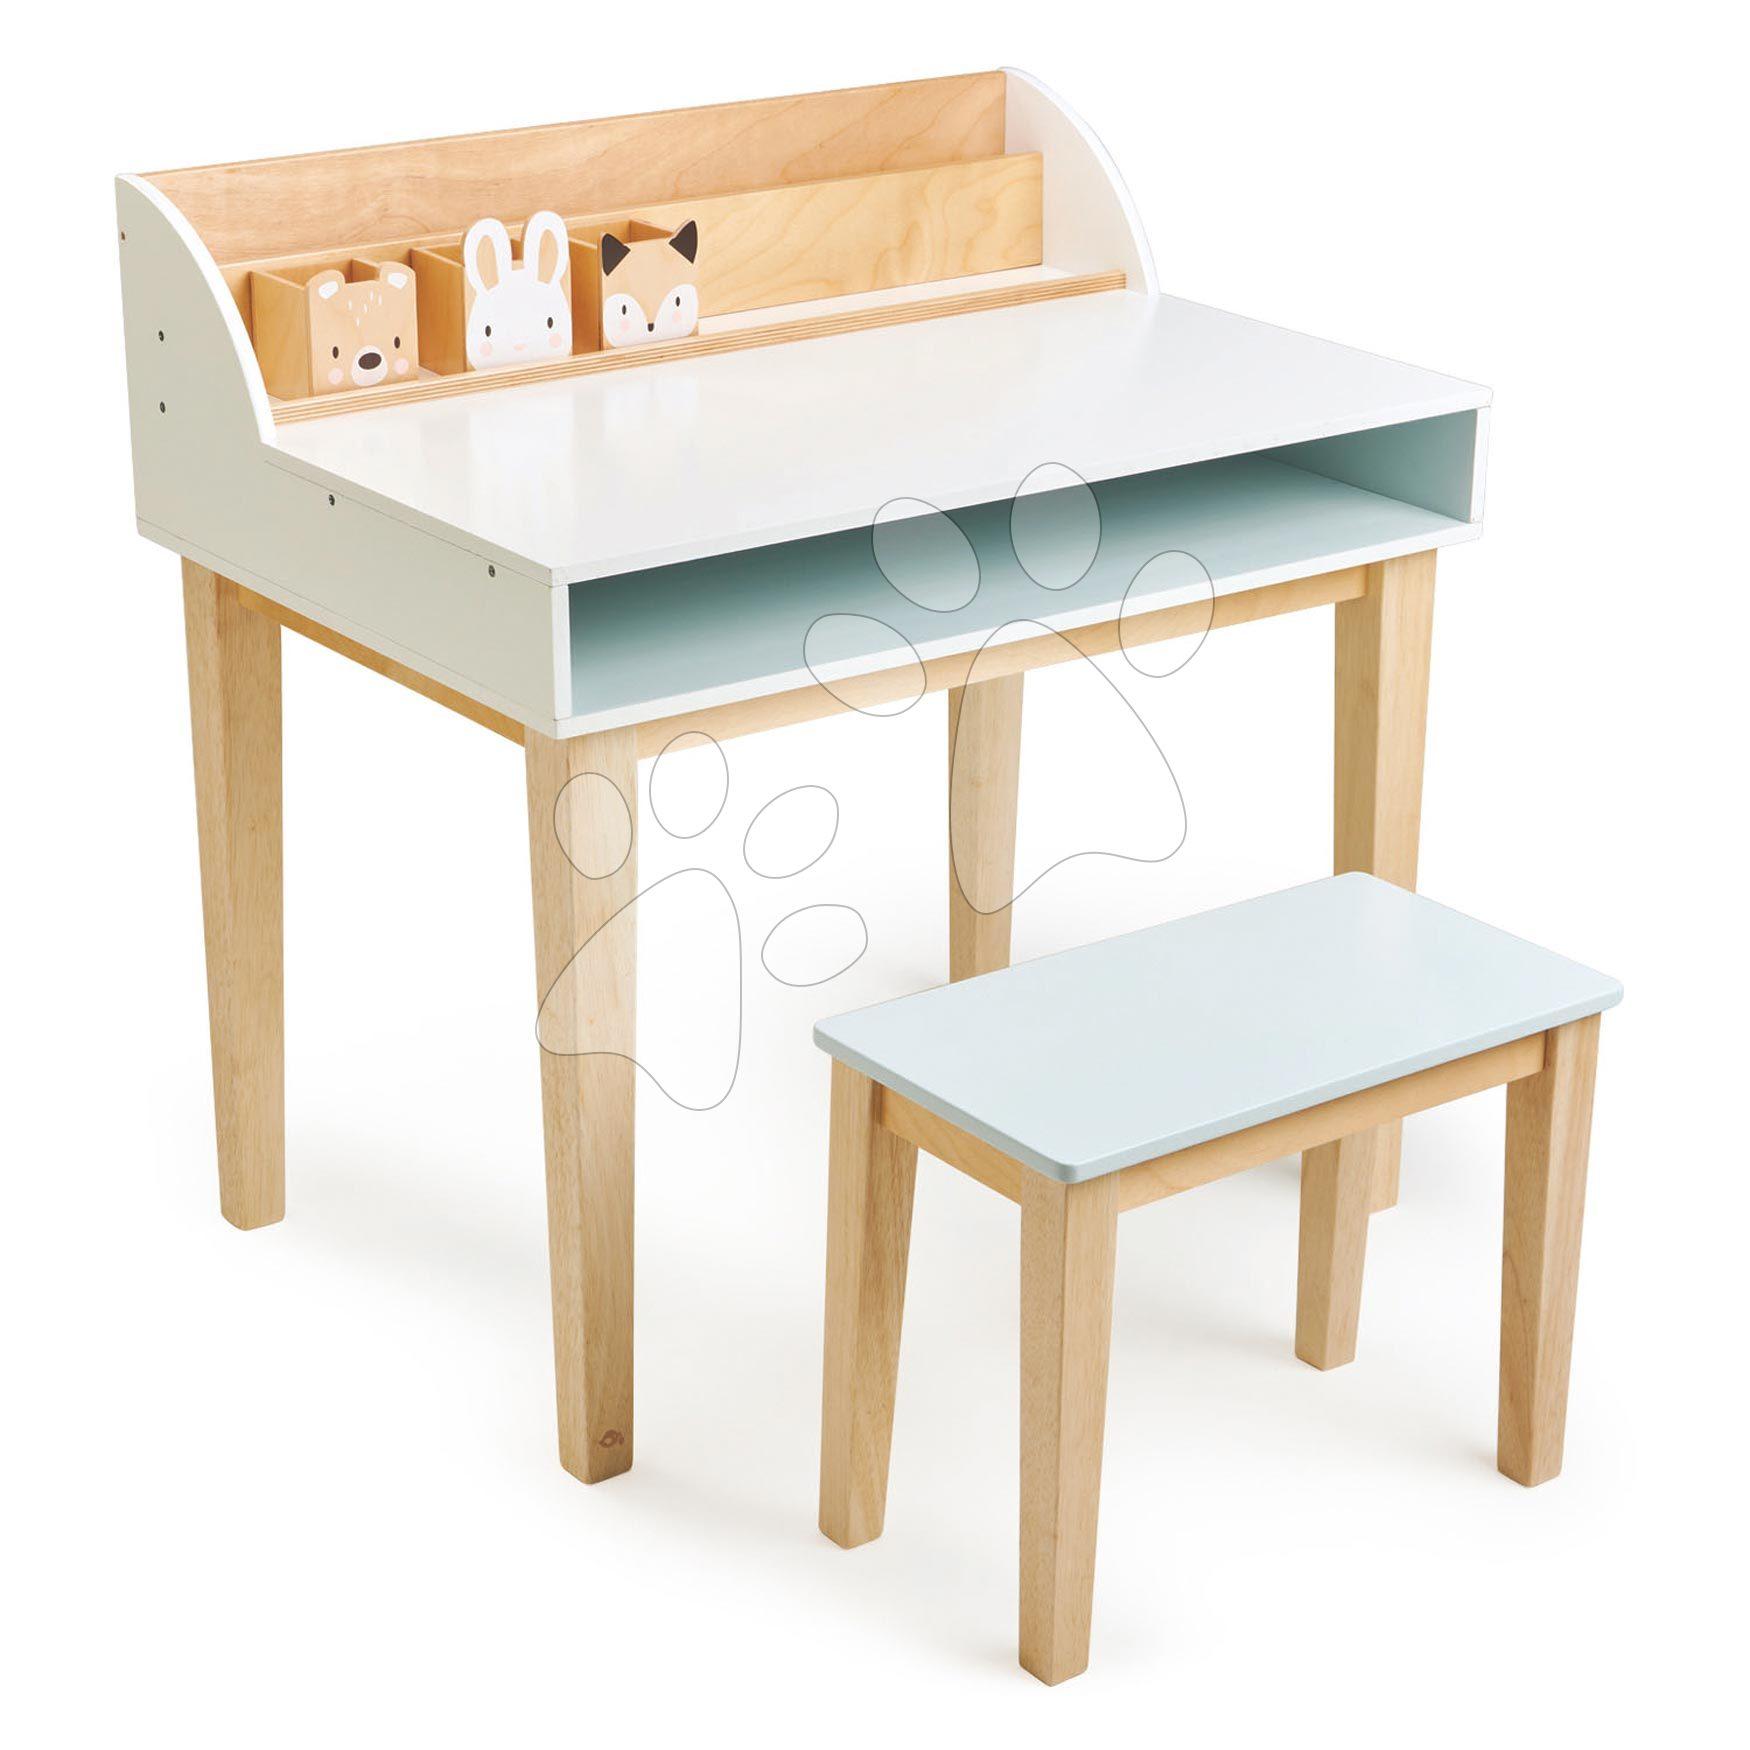 Drevený stôl so stoličkou Desk and Chair Tender Leaf Toys s úložným priestorom a 3 odkladacie nádobky so zvieratkami